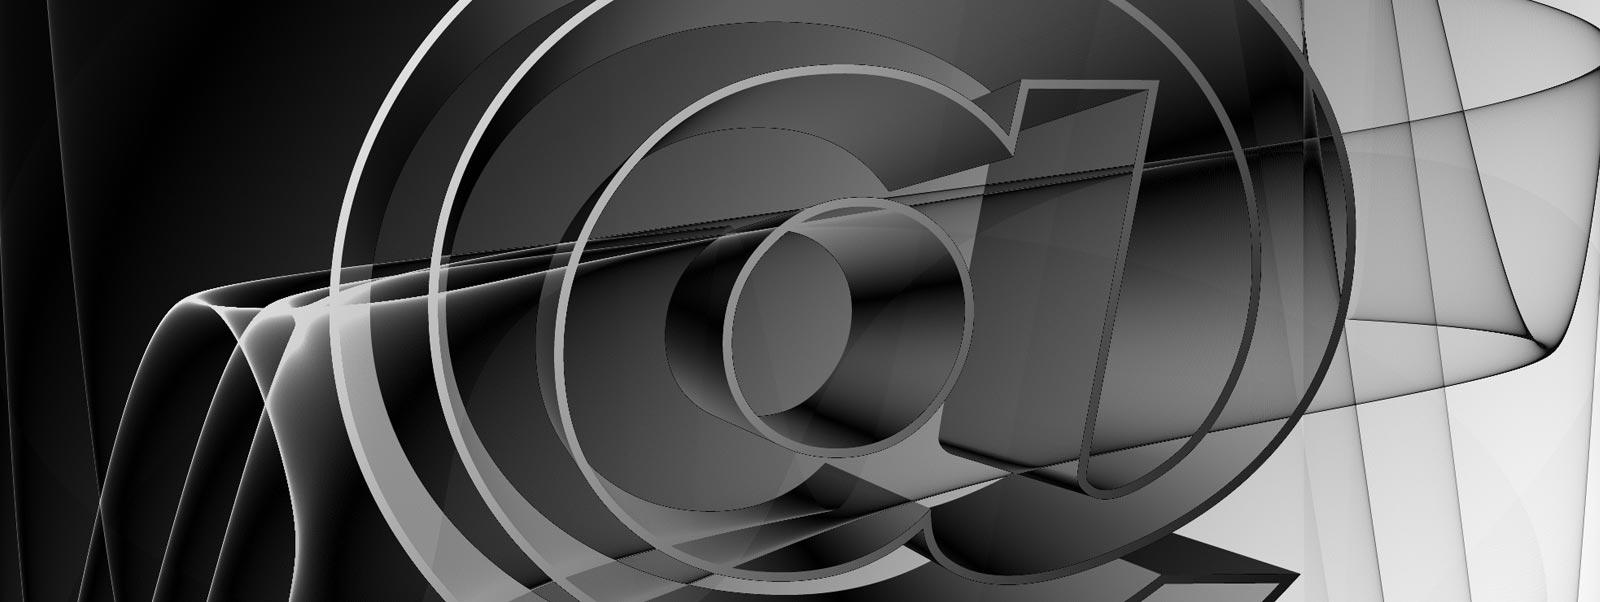 Leistungen: Webdesign, Betreuung, Optimierung und Pflege von Internetseiten - regional und bundesweit!